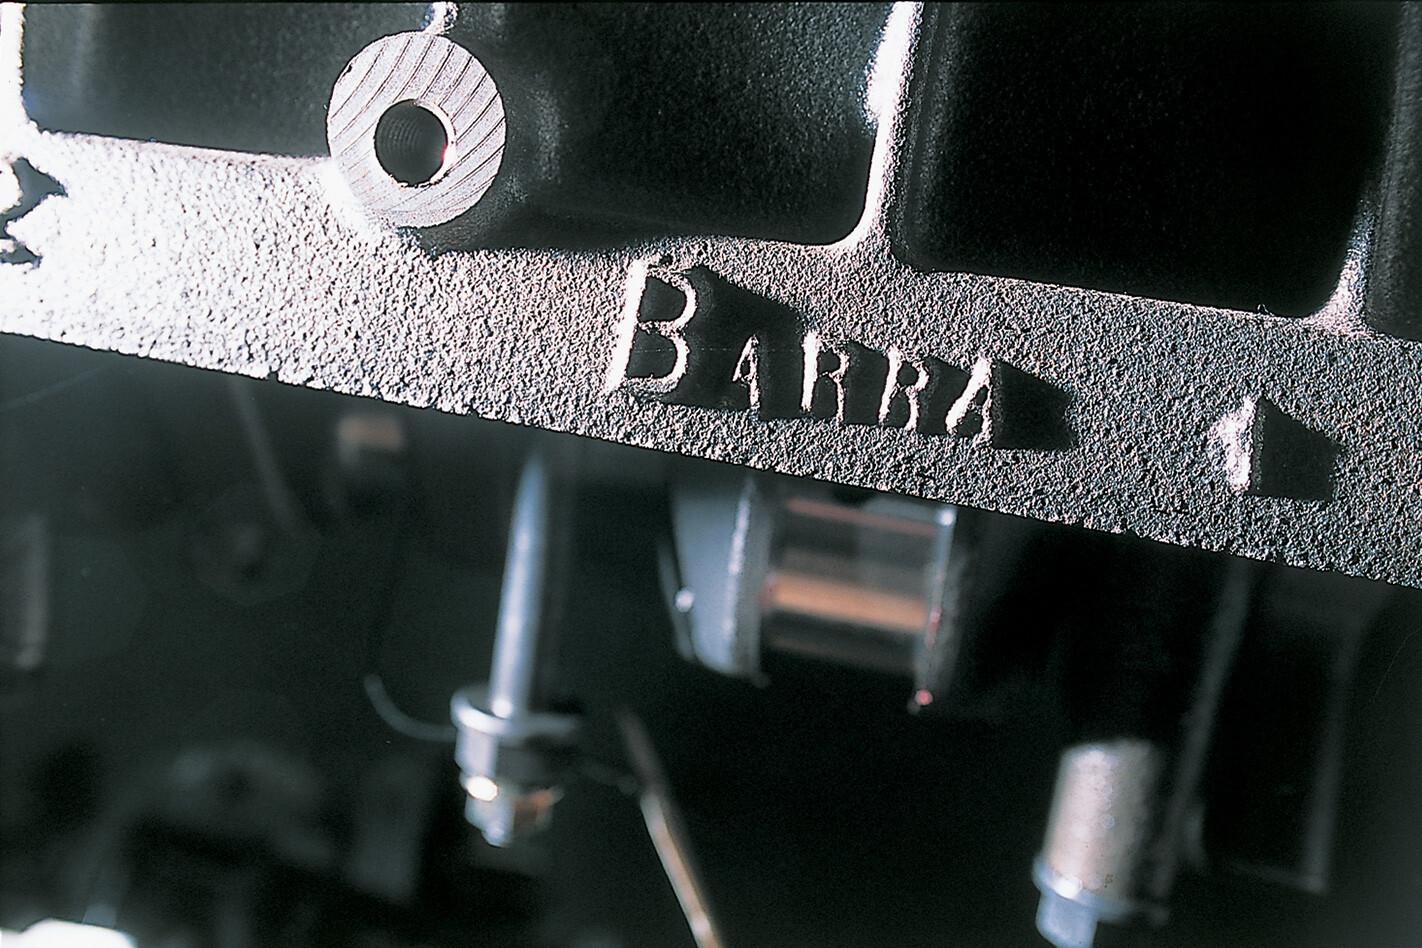 Ford-Falcon-XR6-Turbo-Barra.jpg